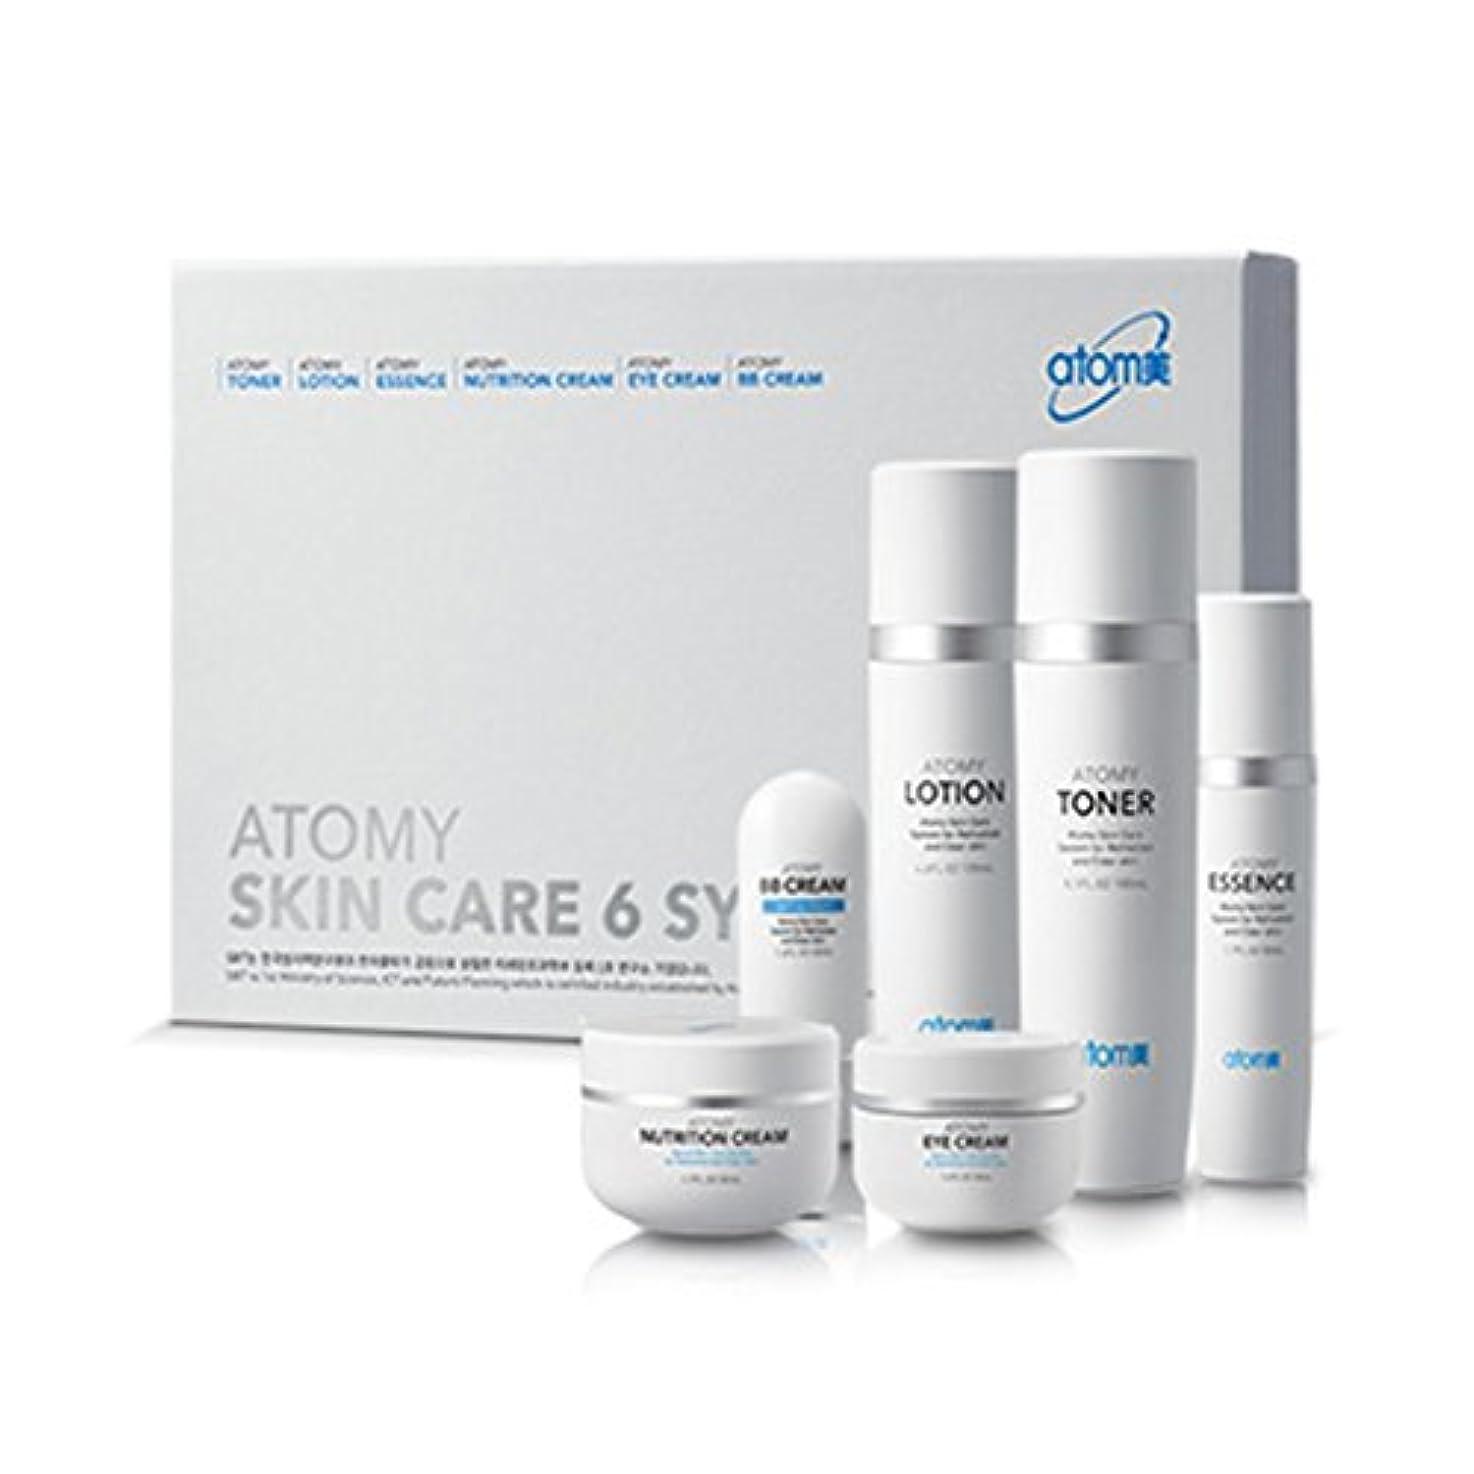 に対応拡張お手伝いさん[Atom美 アトミ/ Atomy] Atomi Skin Care 6 System/スキンケア6システム+[Sample Gift](海外直送品)